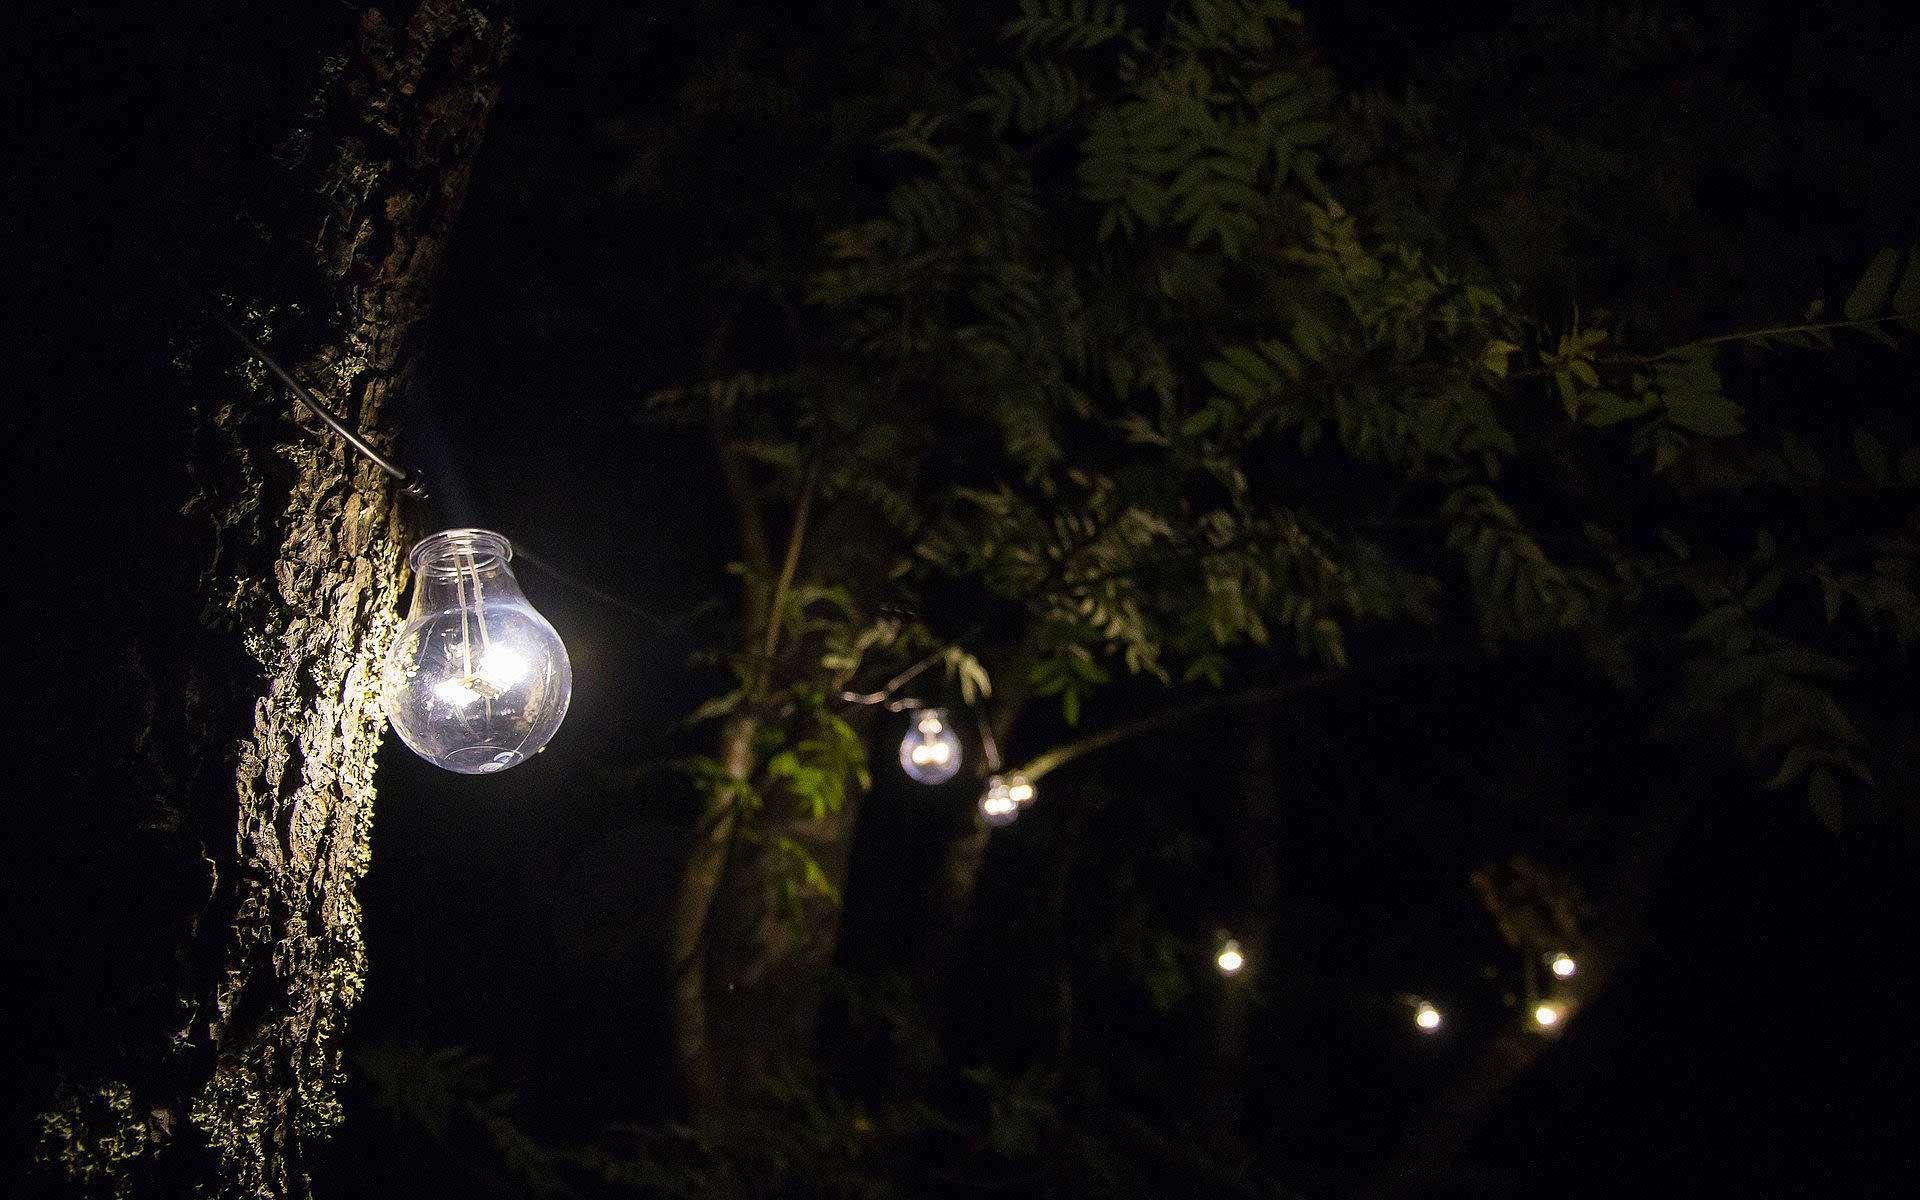 Mit Beleuchtung den Garten verschönern - Foto: pixabay.com